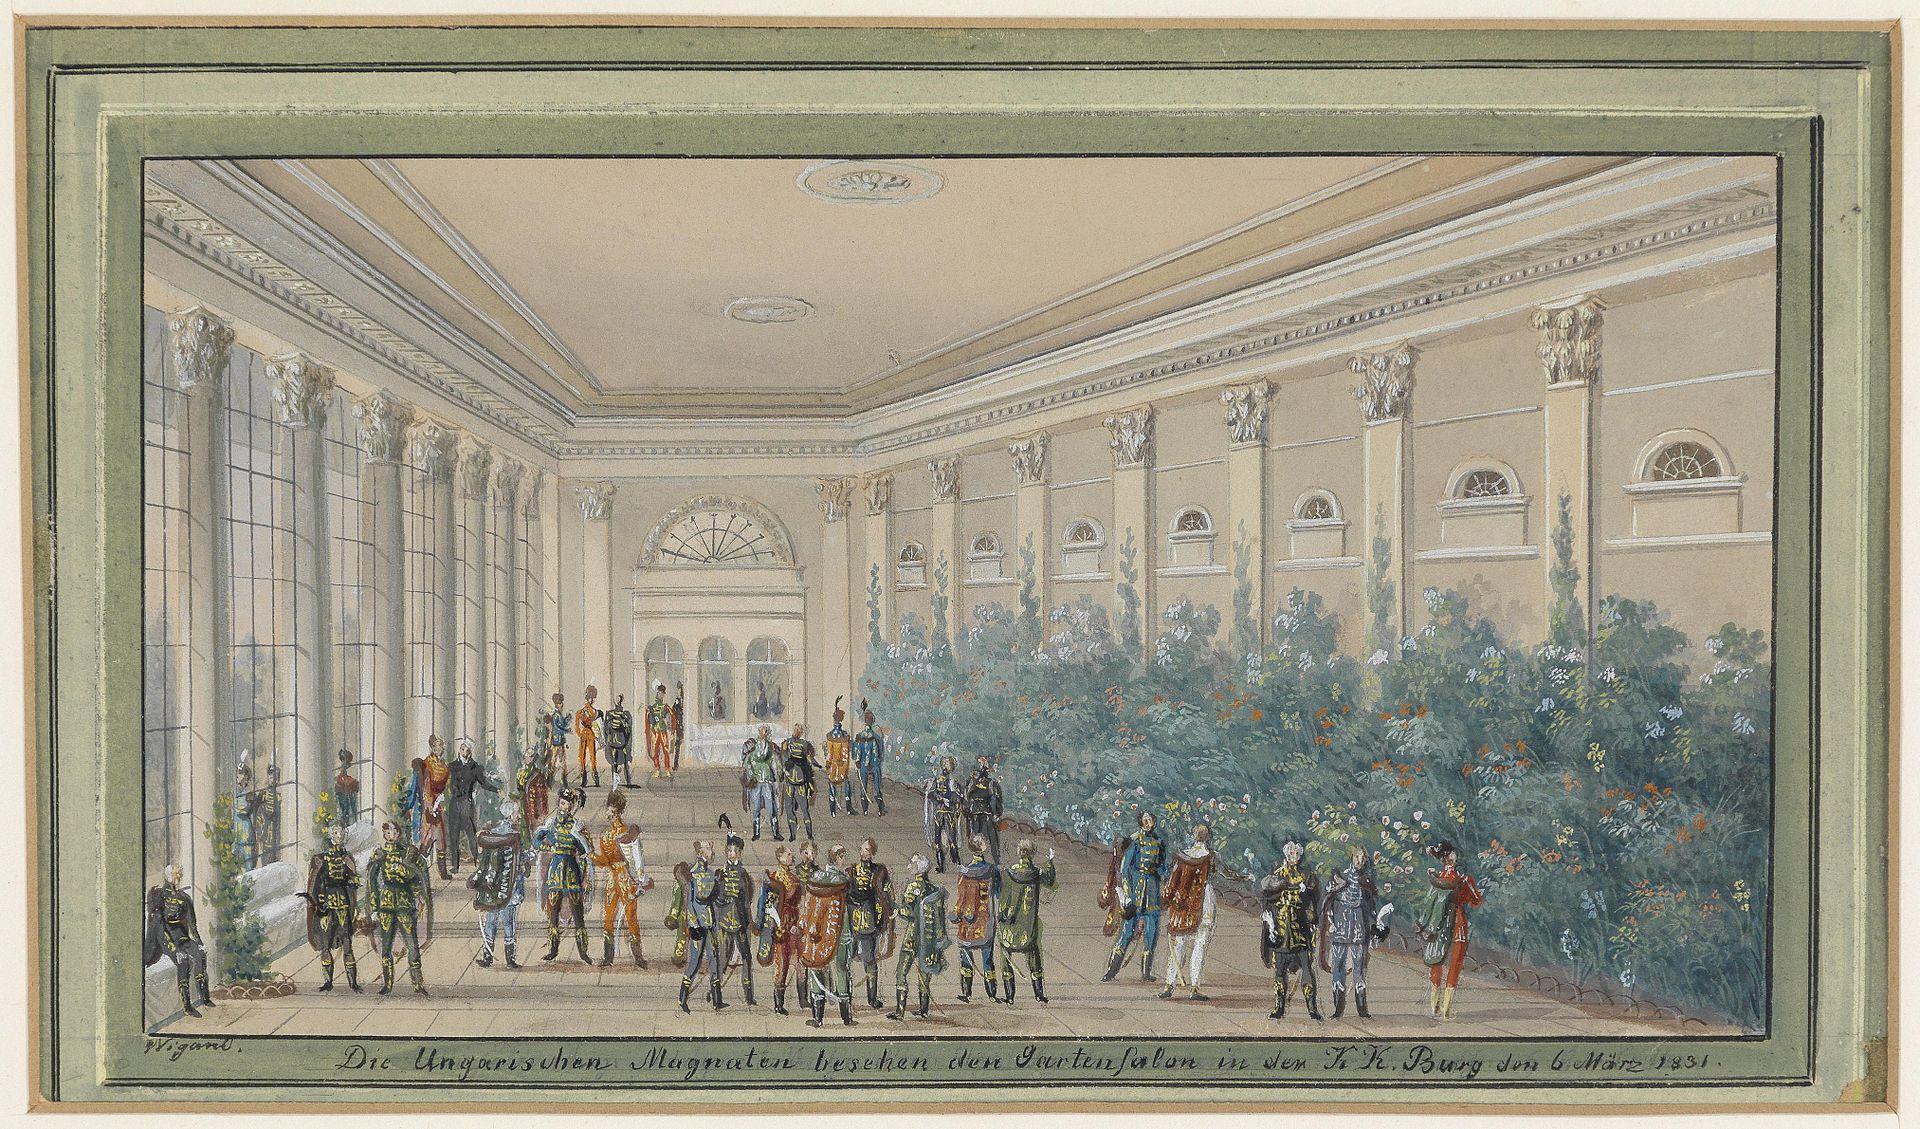 Balthasar Wigand Die Ungarischen Magnaten besuchen den Gartensalon in der Burg 1831.jpg